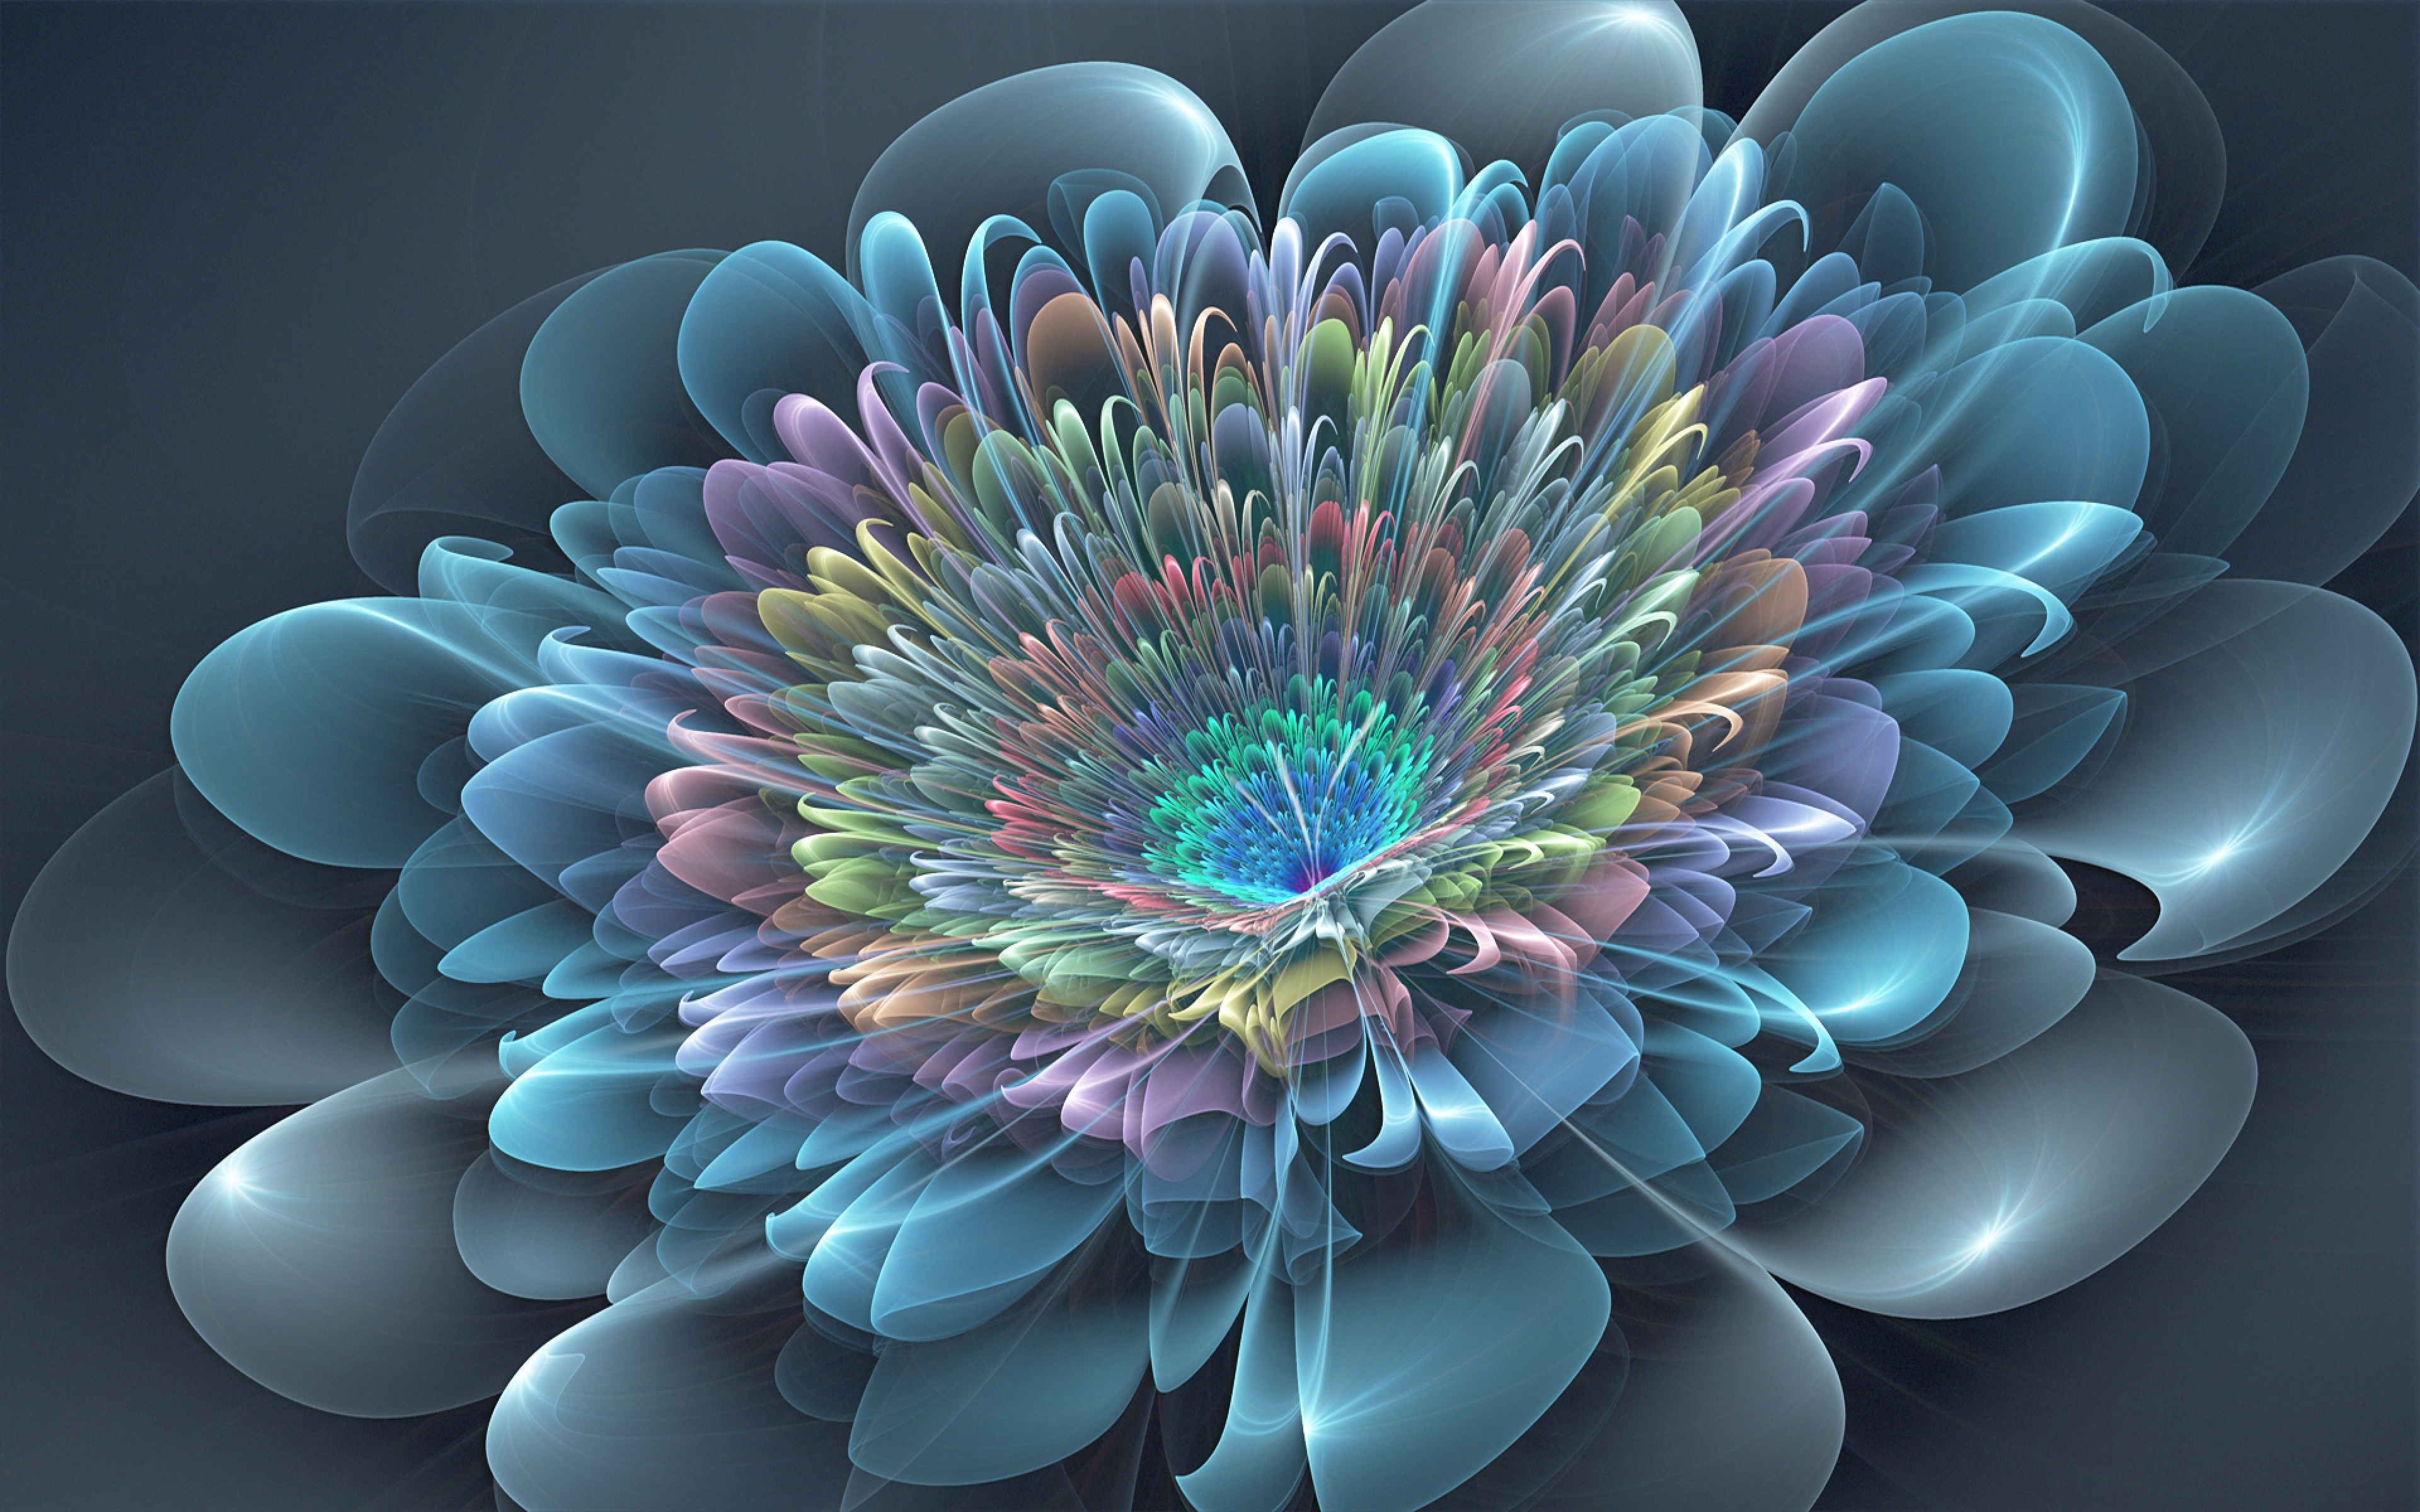 Free Download Flower Petals Fractal Background Wallpaper Background Ultra Hd 4k 3840x2400 For Your Desktop Mobile Tablet Explore 43 4k Flower Wallpapers 4k Nature Wallpaper Spring Japan Awesome 4k